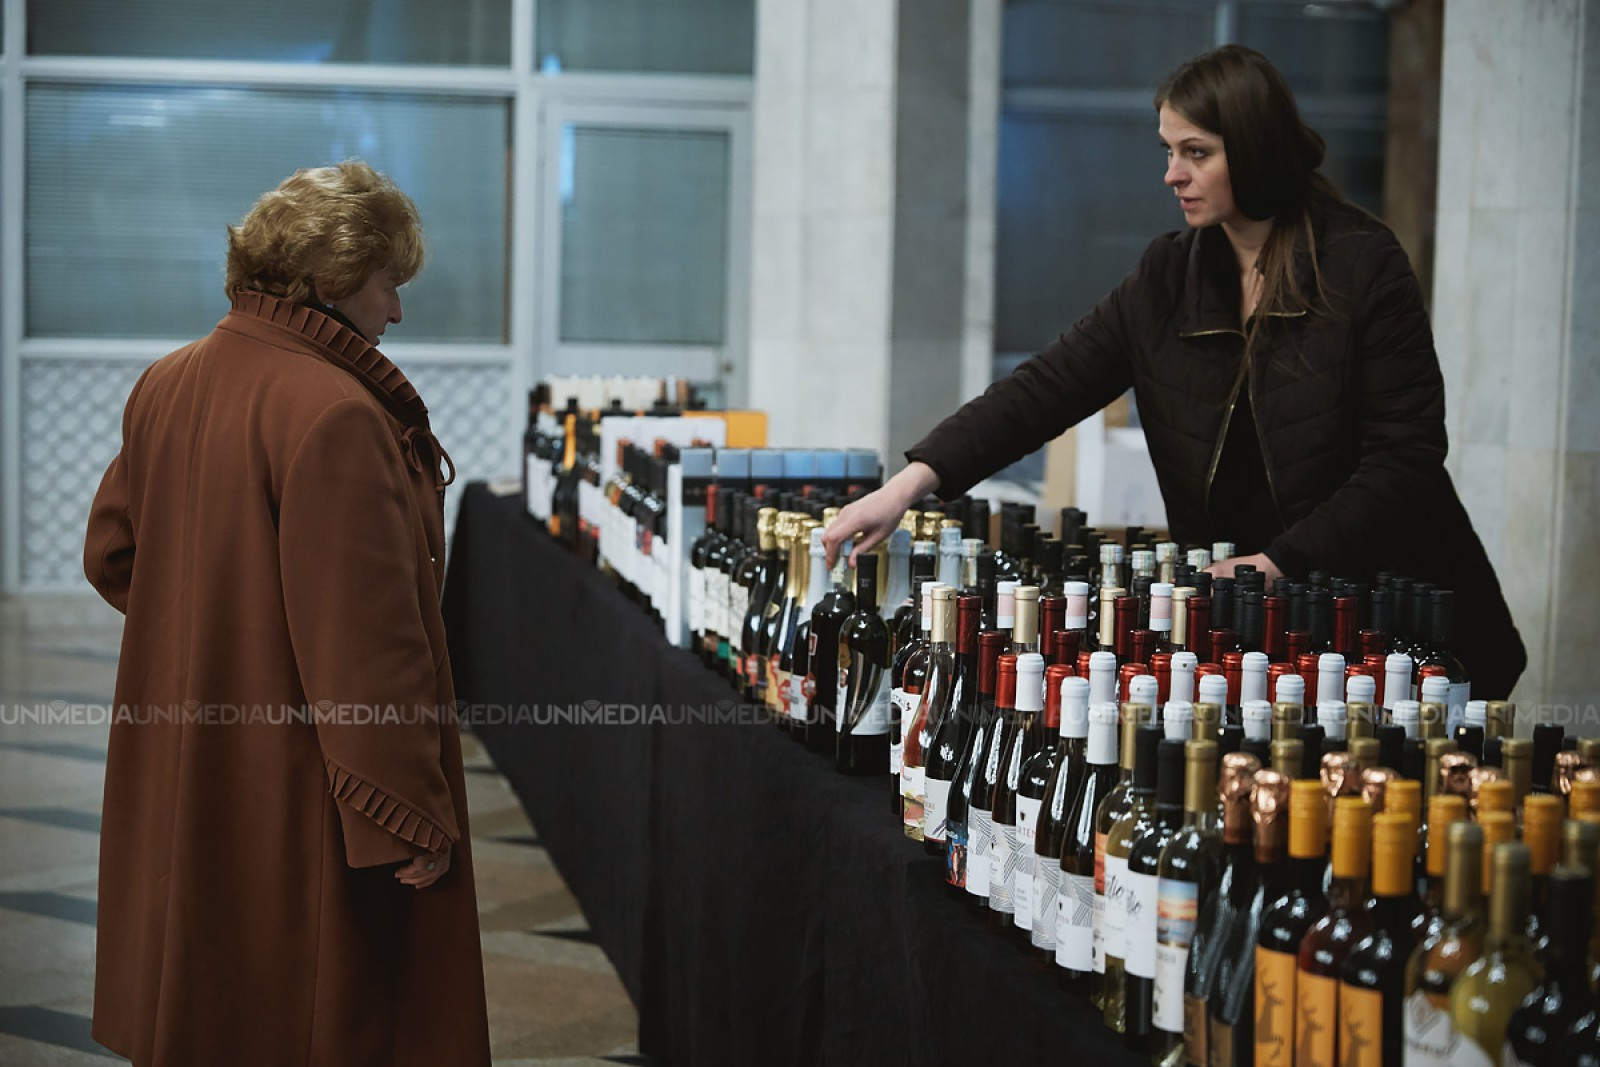 Anul trecut, Republica Moldova a exportat vin în UE în valoare de 61,79 de milioane de dolari. Exporturile au crescut cu 19 la sută